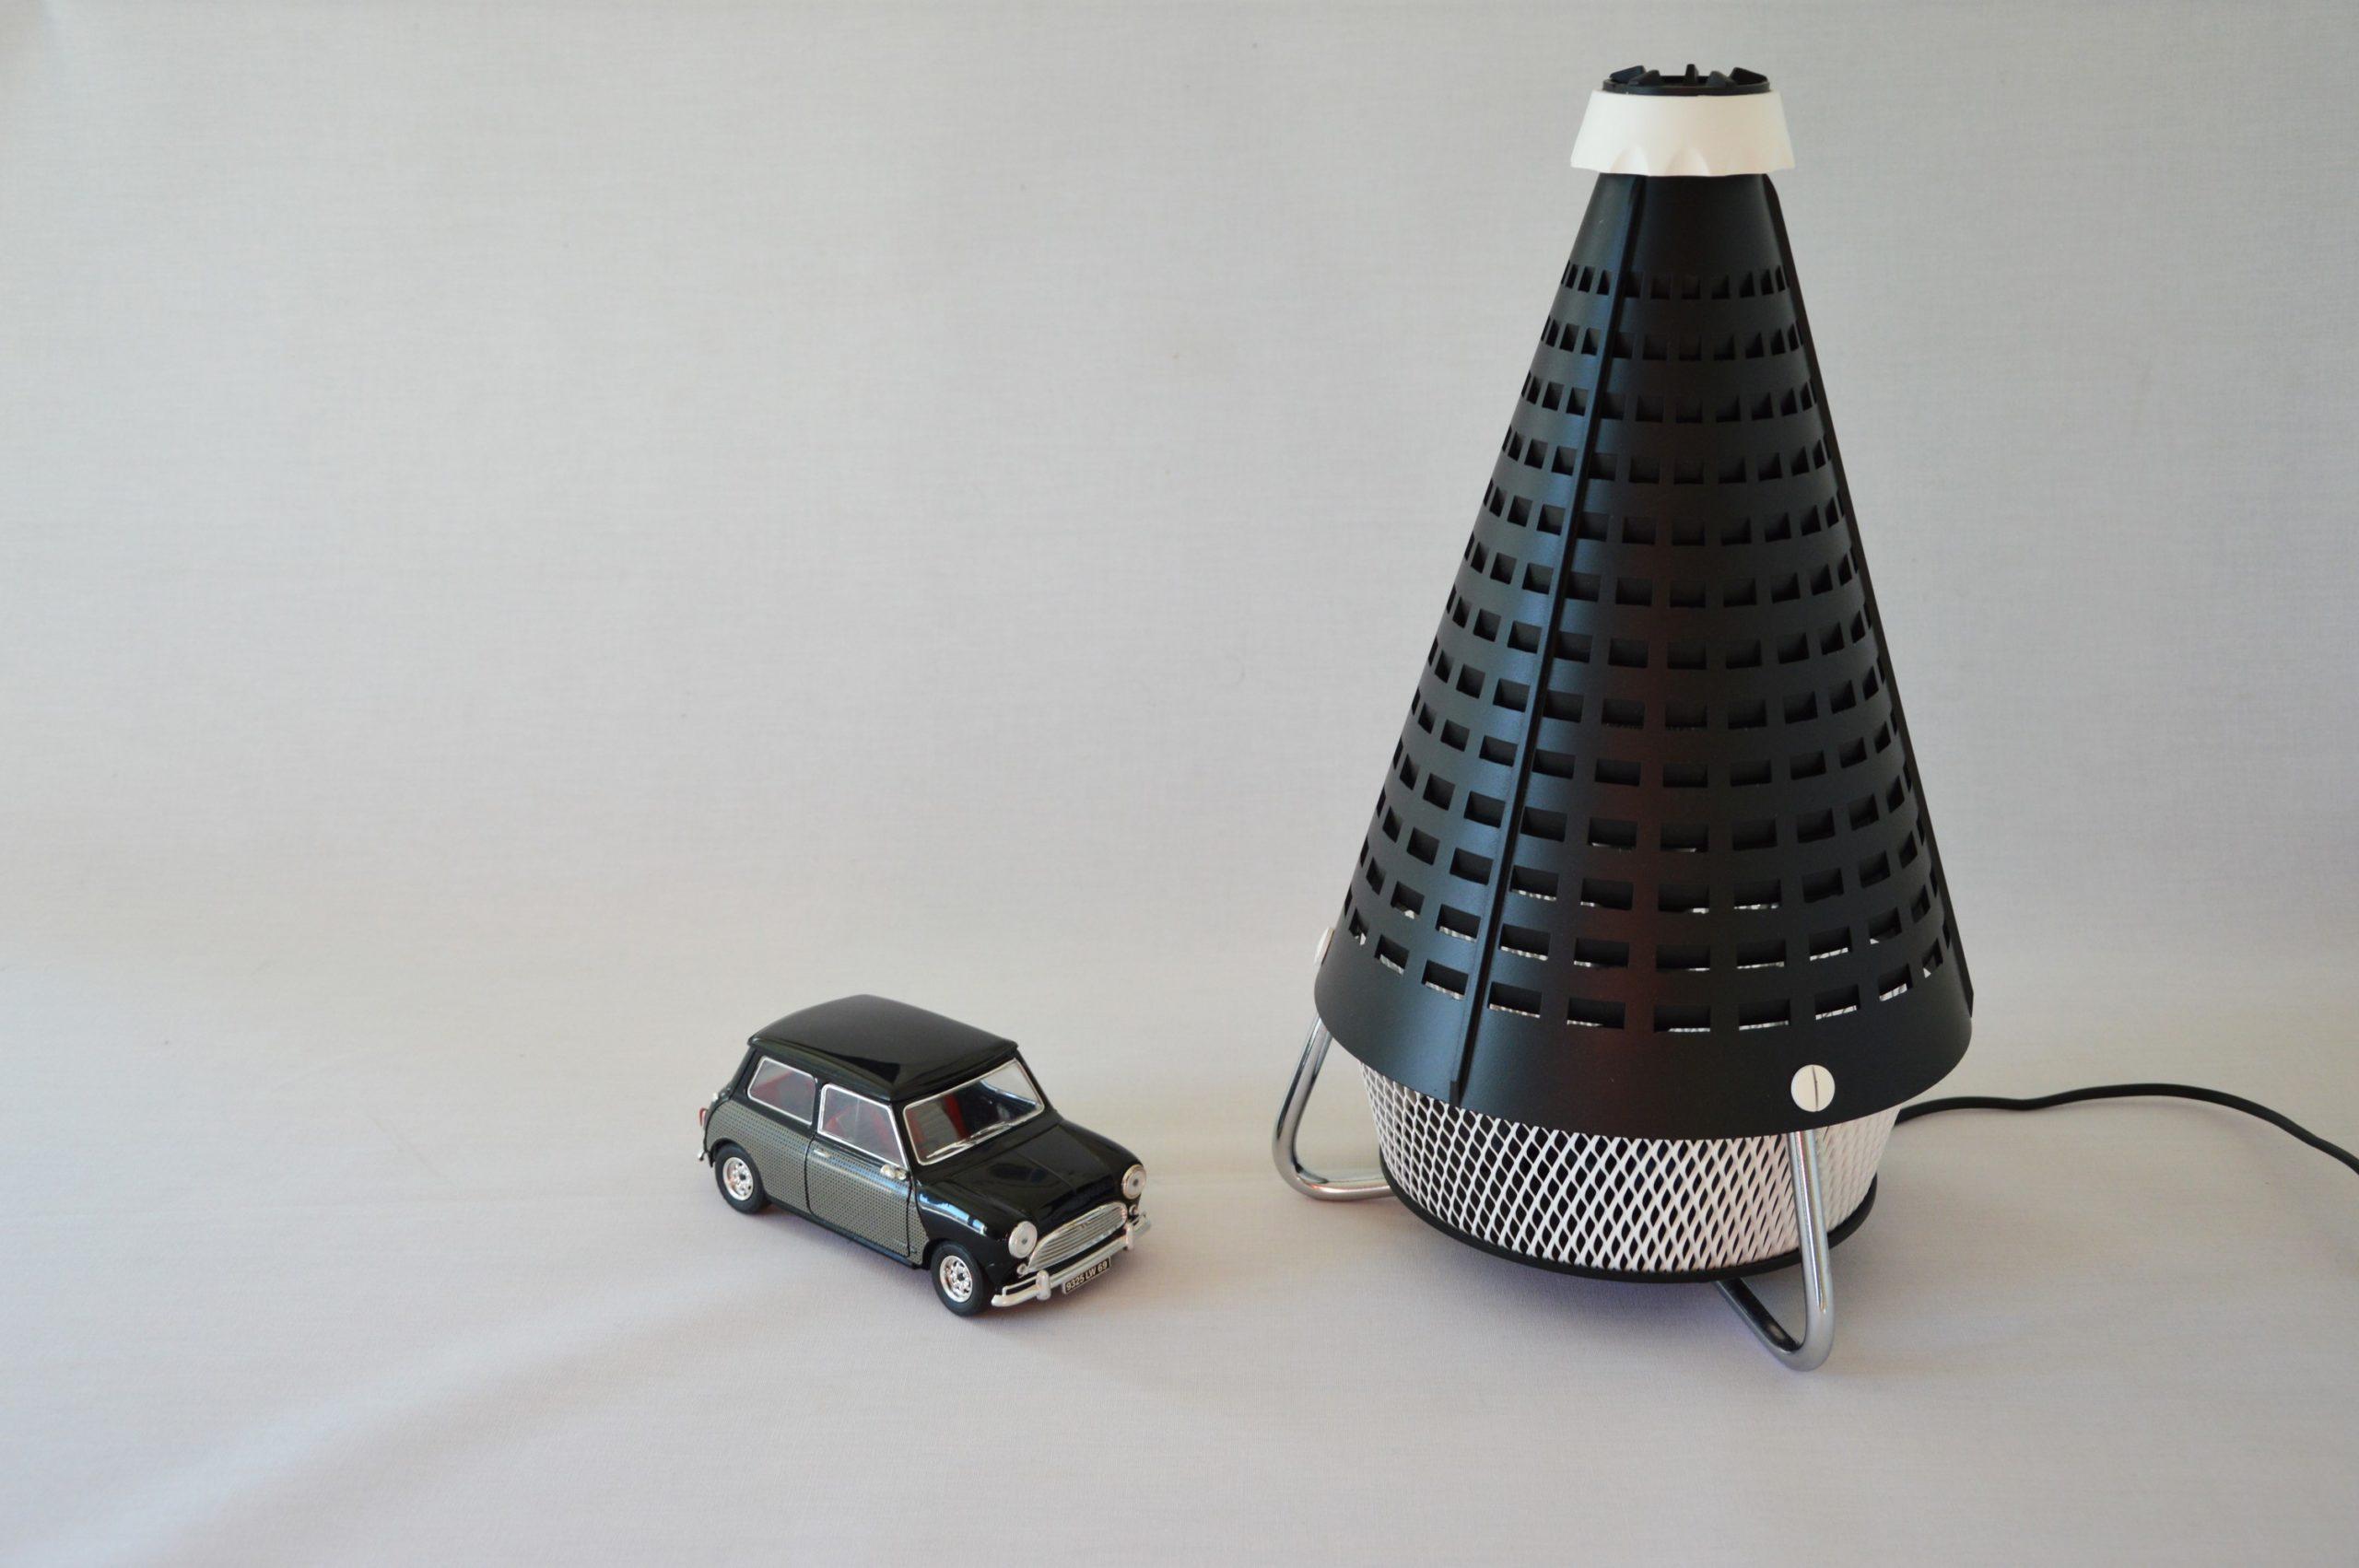 Lampe_design_vintage_artjl_tornado_black_ArtJL274 (Copier)